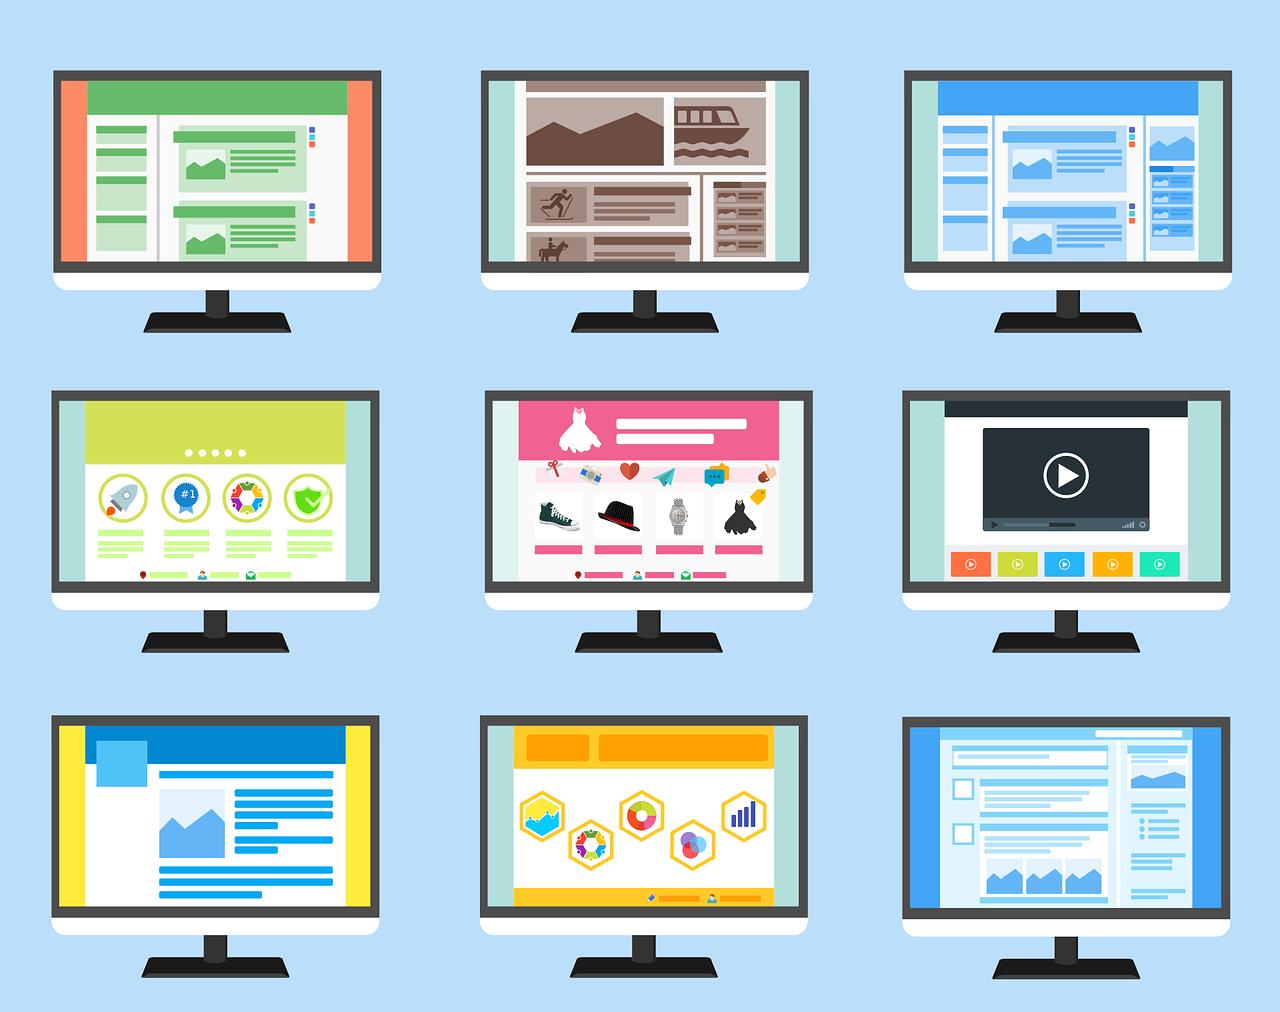 Avafor sivustokehitysratkaisut - Tilaa teille sopiva